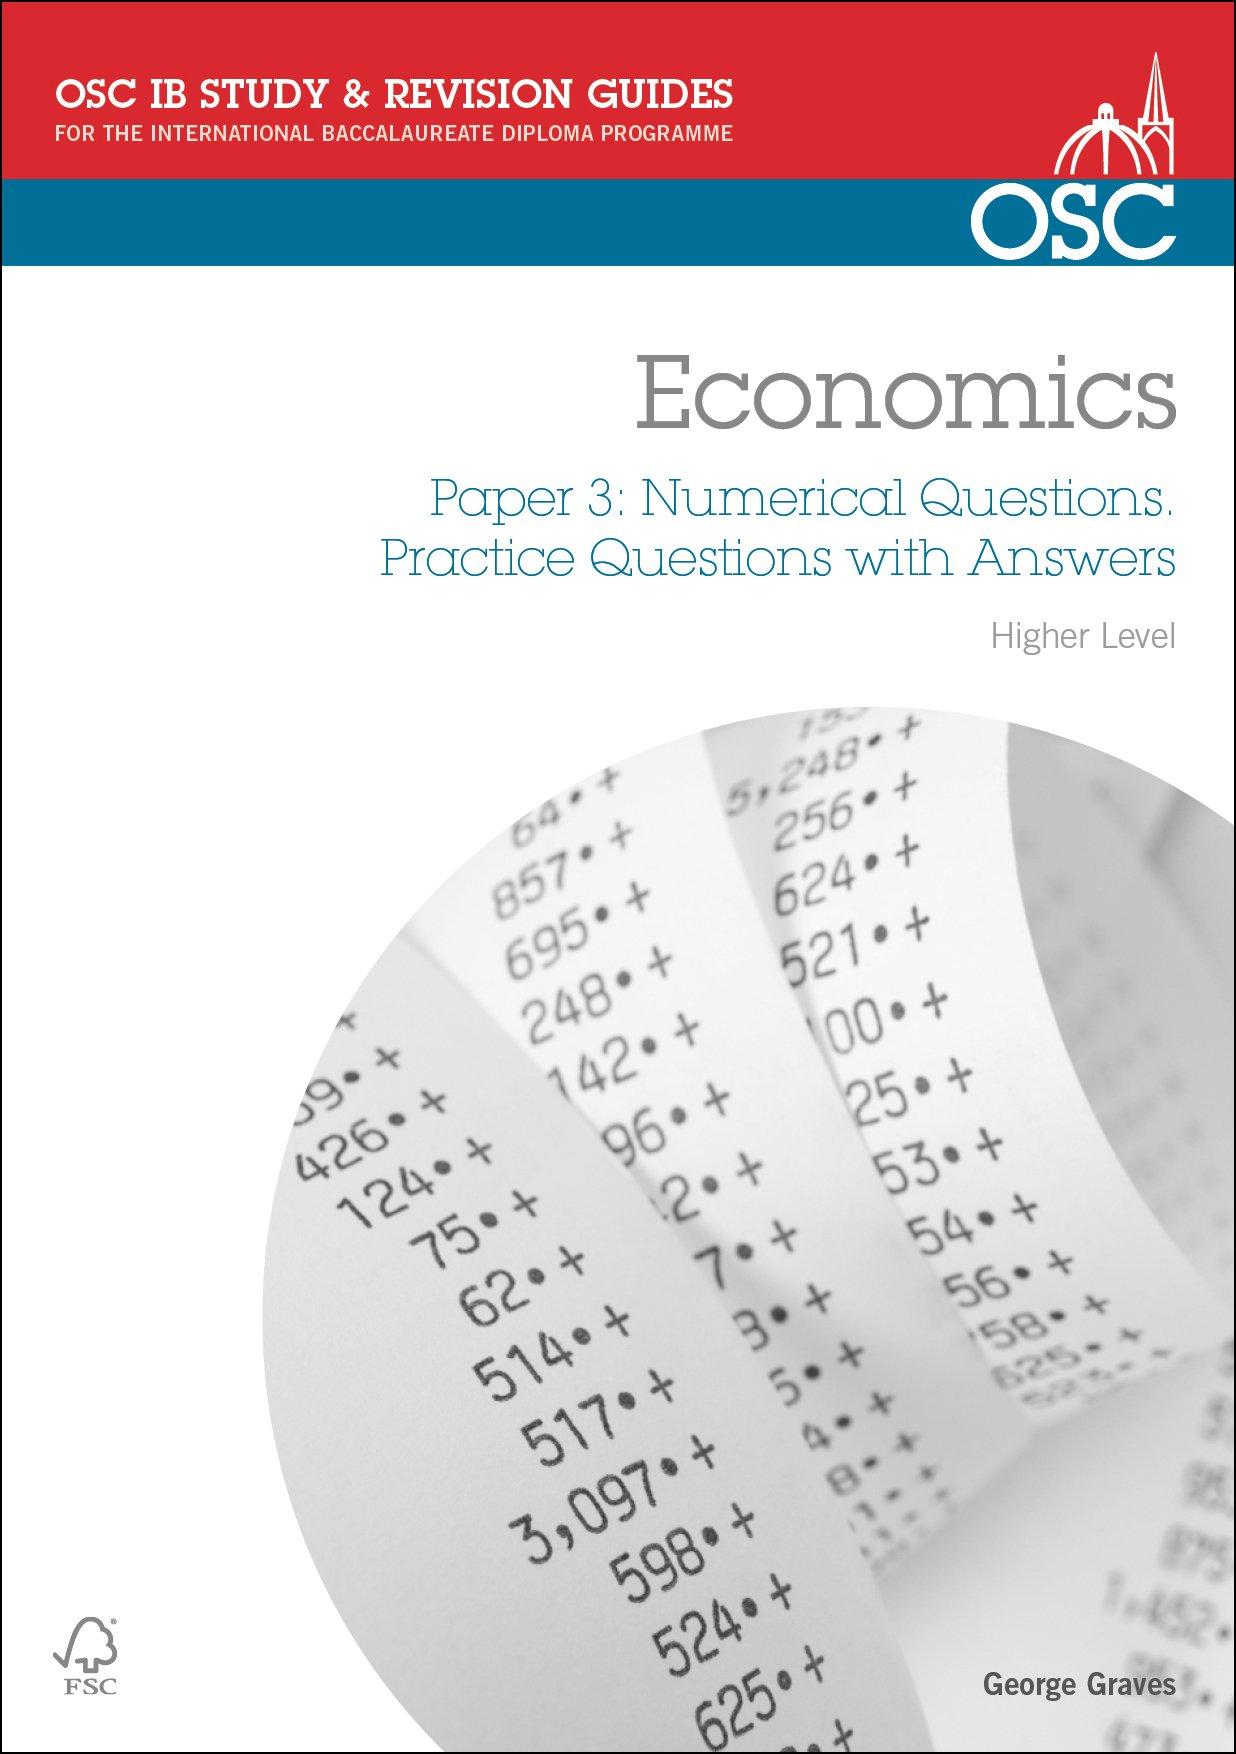 ib questions on microeconomics